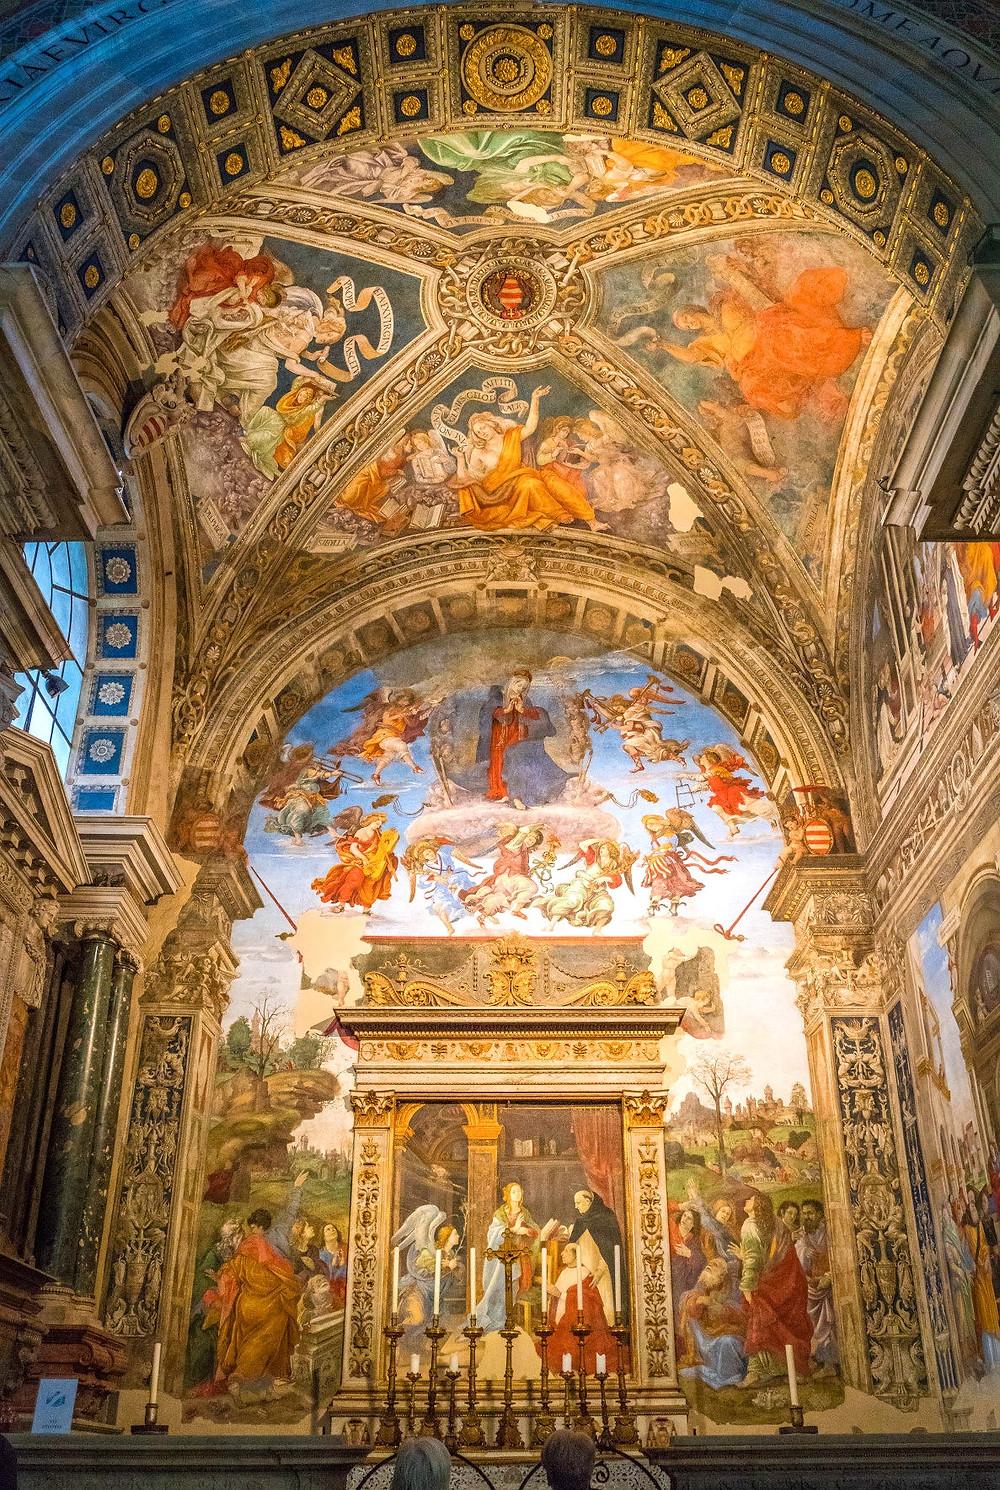 Lippi frescos in the Carafa Chapel